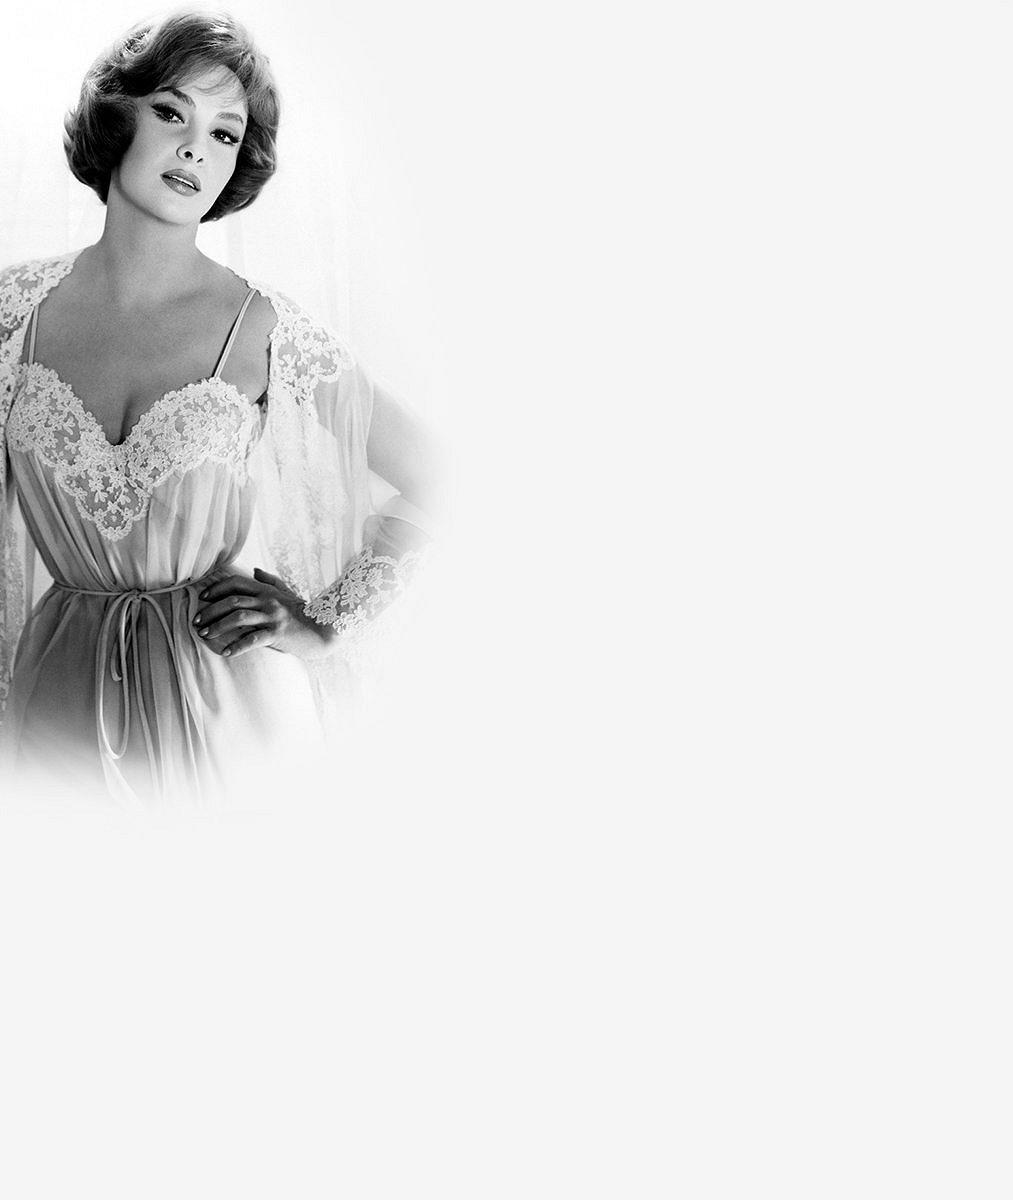 Božská Gina Lollobrigida neztrácí šarm ani po devadesátce: Její aktuální fotky jsou toho důkazem!